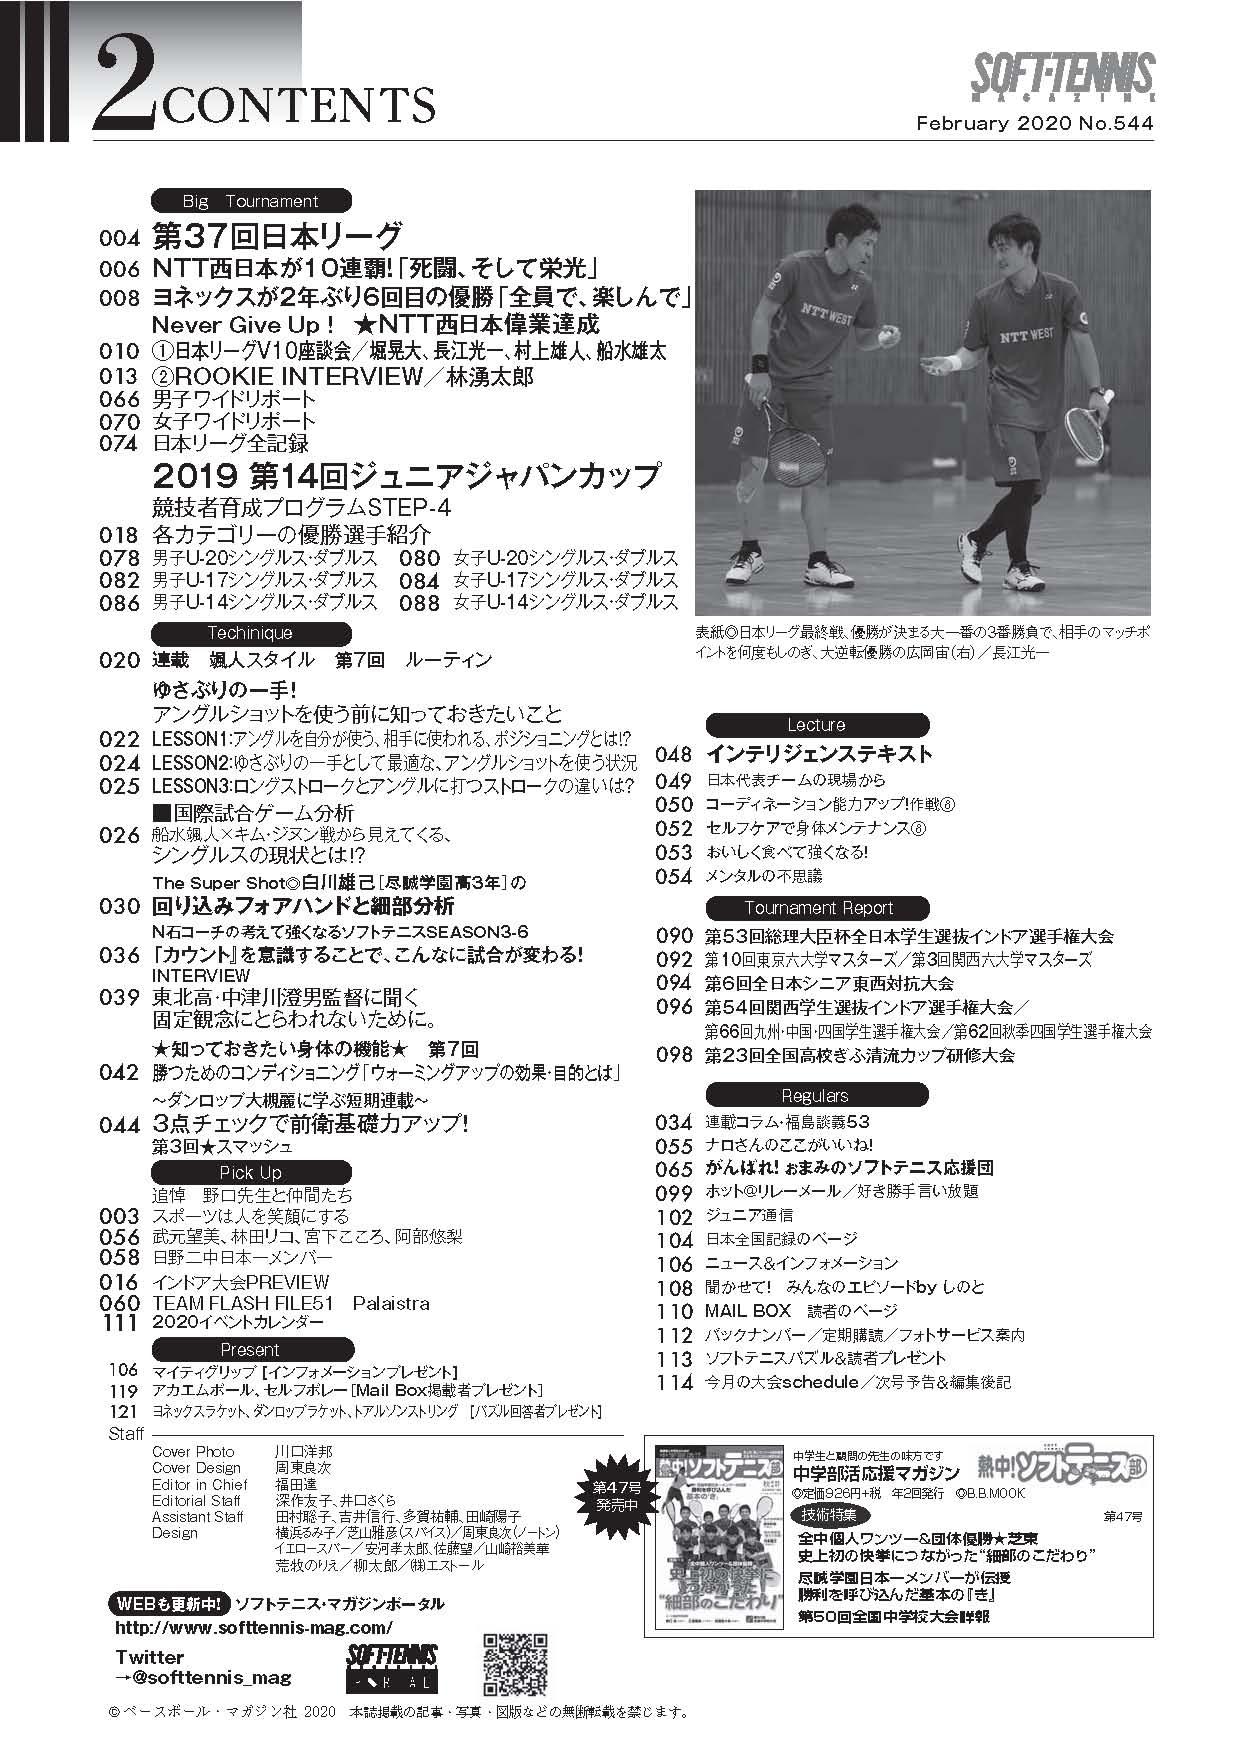 ソフトテニスマガジン2020年2月号-目次